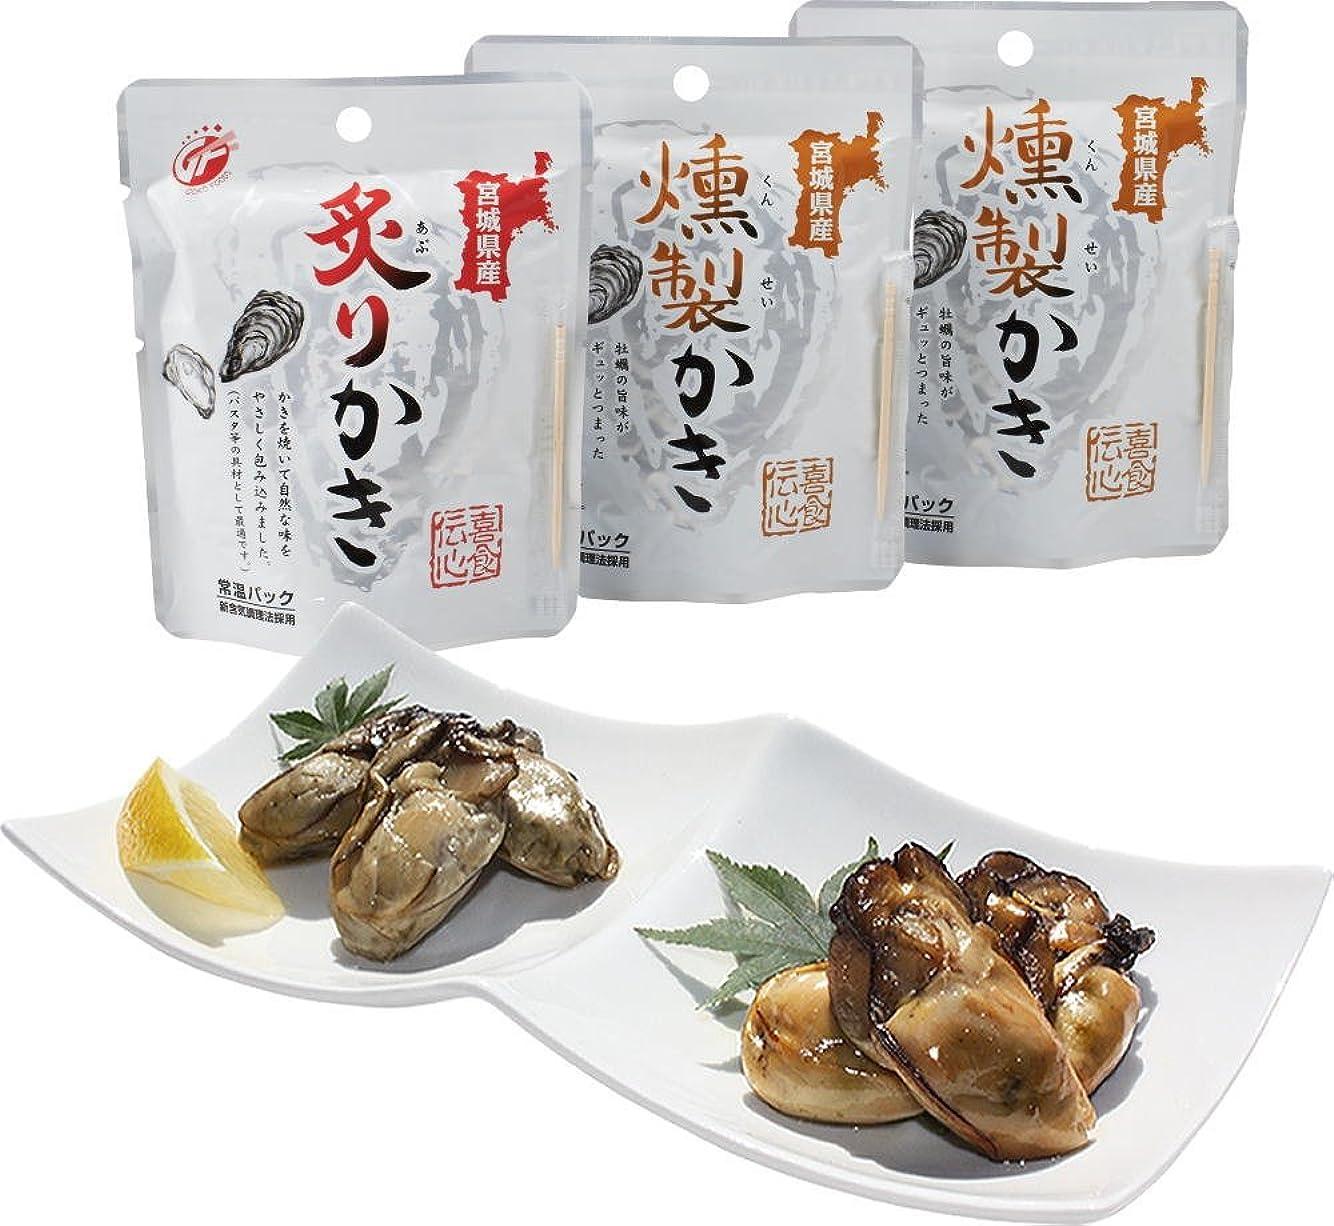 強化する霧カリング産直丸魚 洋野町産 【お刺身用】活 つぶ貝 (100g) 地元産のつぶ貝を水揚げ当日にむき身にした新鮮パックです! 国産品 ツブ貝 粒貝